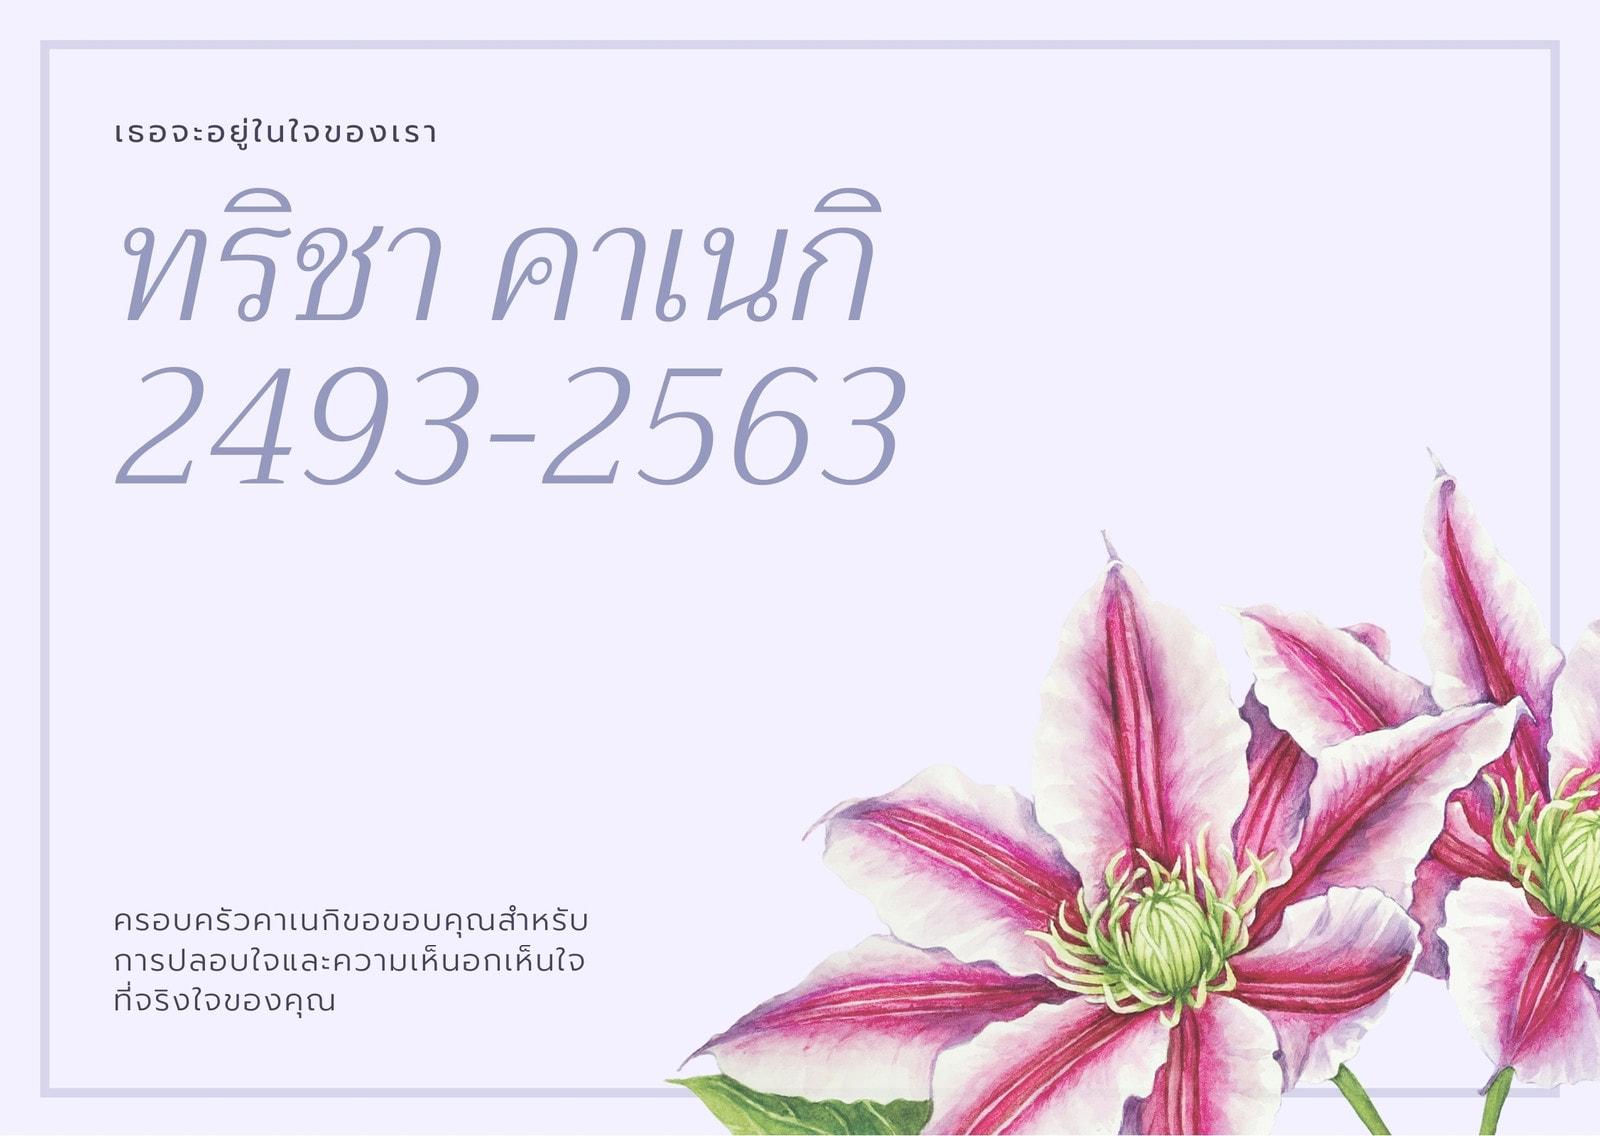 การ์ด ขอบคุณ งานศพ ดอกไม้ ไม้เลื้อย สีเทาอ่อนและสีชมพู